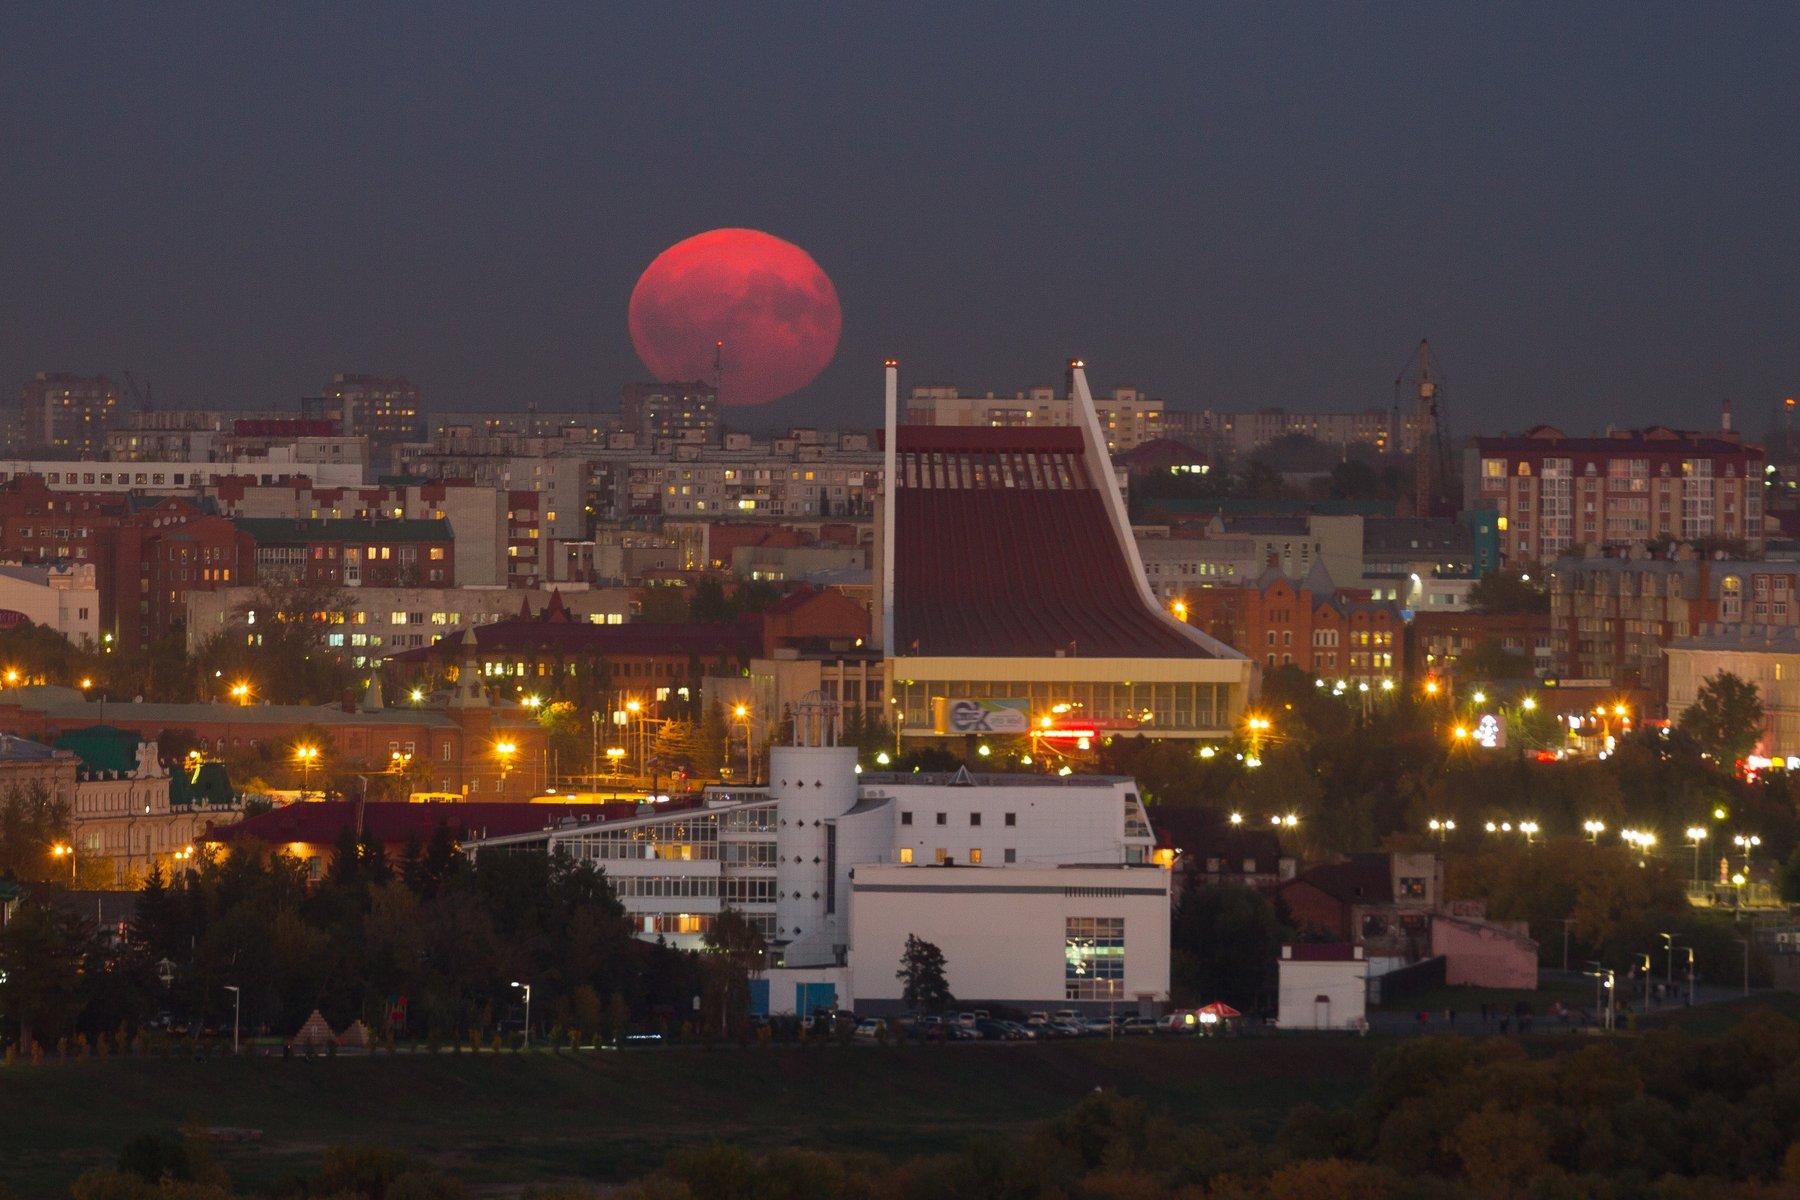 омск, сибирь, россия, городской пейзаж, луна, пейзаж, Креймер Мария